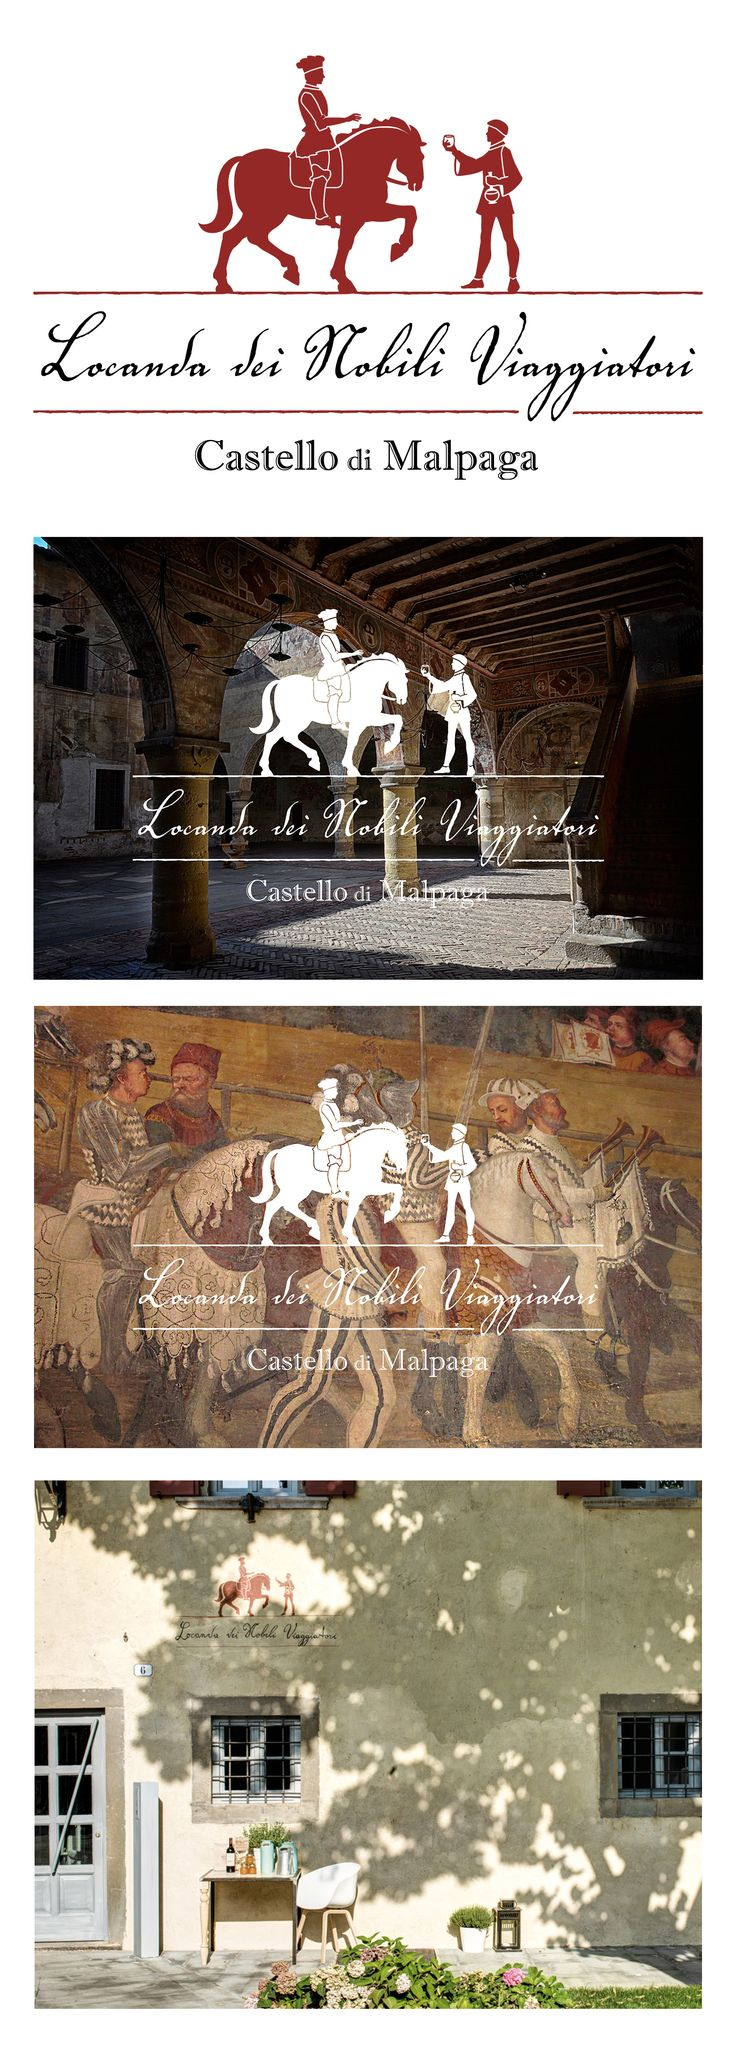 Locanda dei nobili viaggiatori, Castello di Malpaga. Logo design. Tiziana Moretti co newtarget. https://www.behance.net/gallery/24550413/Locanda-dei-nobili-viaggiatori-logo.